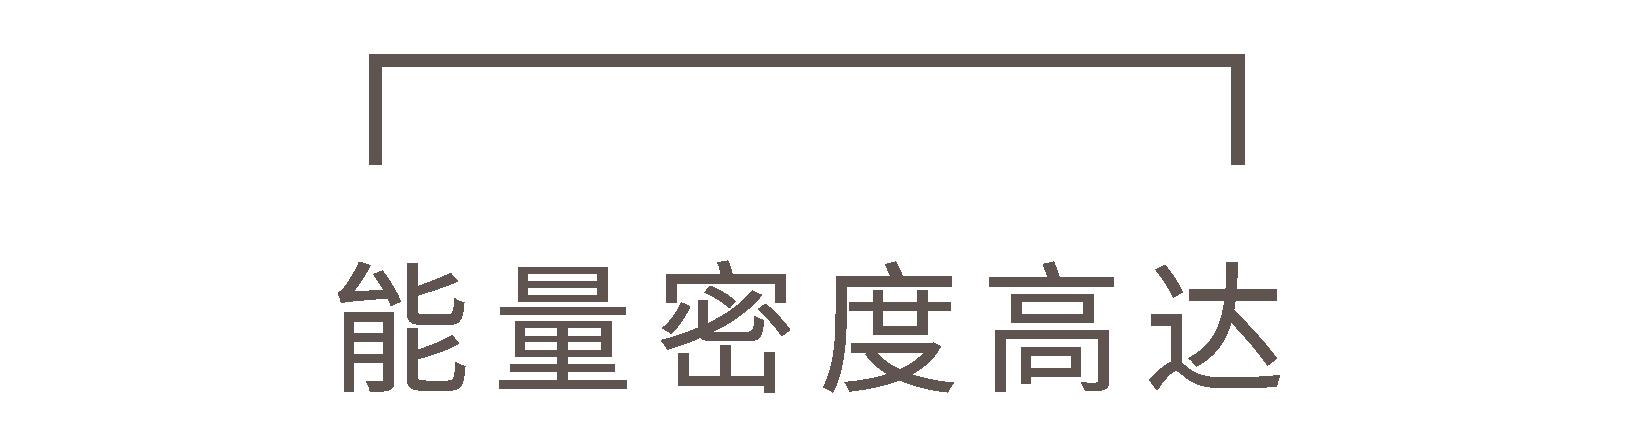 产品banner设计-15